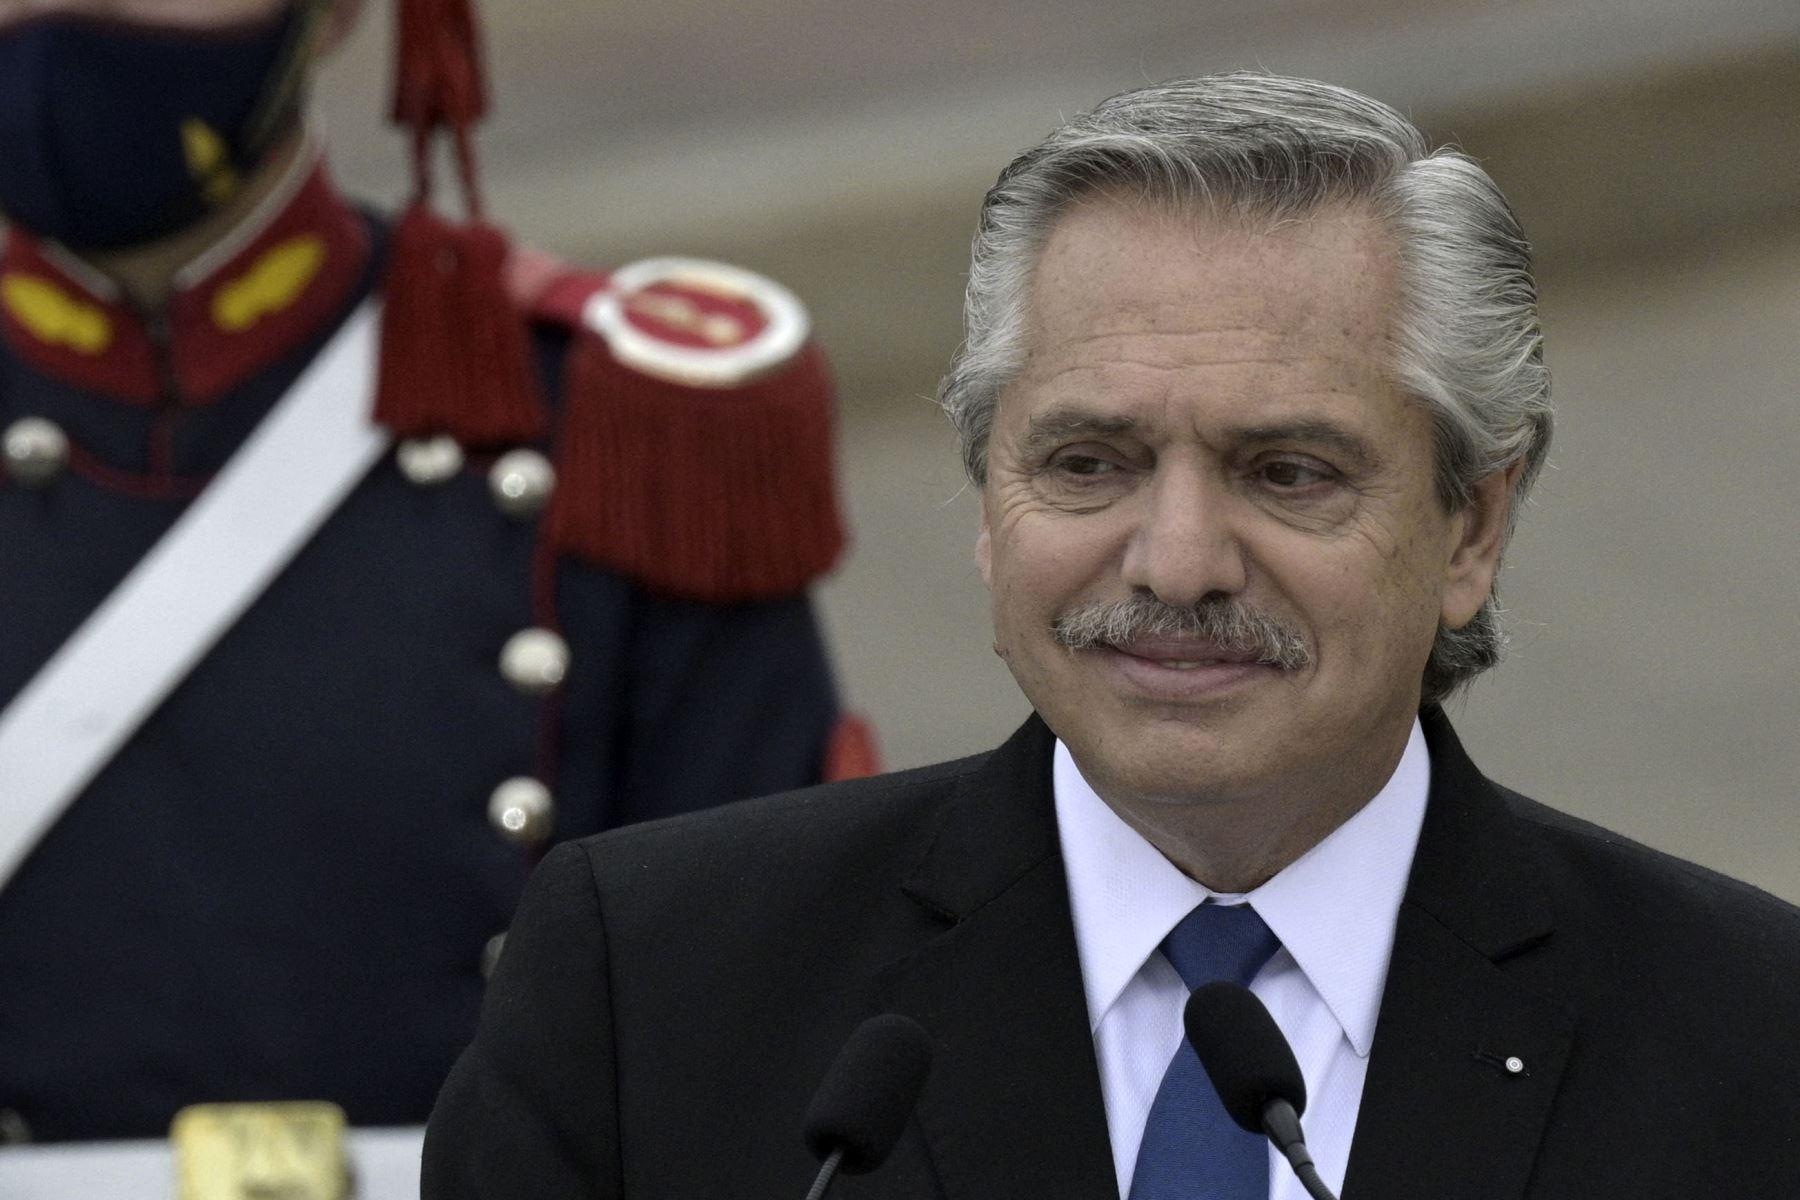 El mandatario argentino fue uno de los primeros en felicitar a Castillo por su triunfo electoral, pese a que aún no estaba finalizado el proceso de escrutinio. Foto: AFP